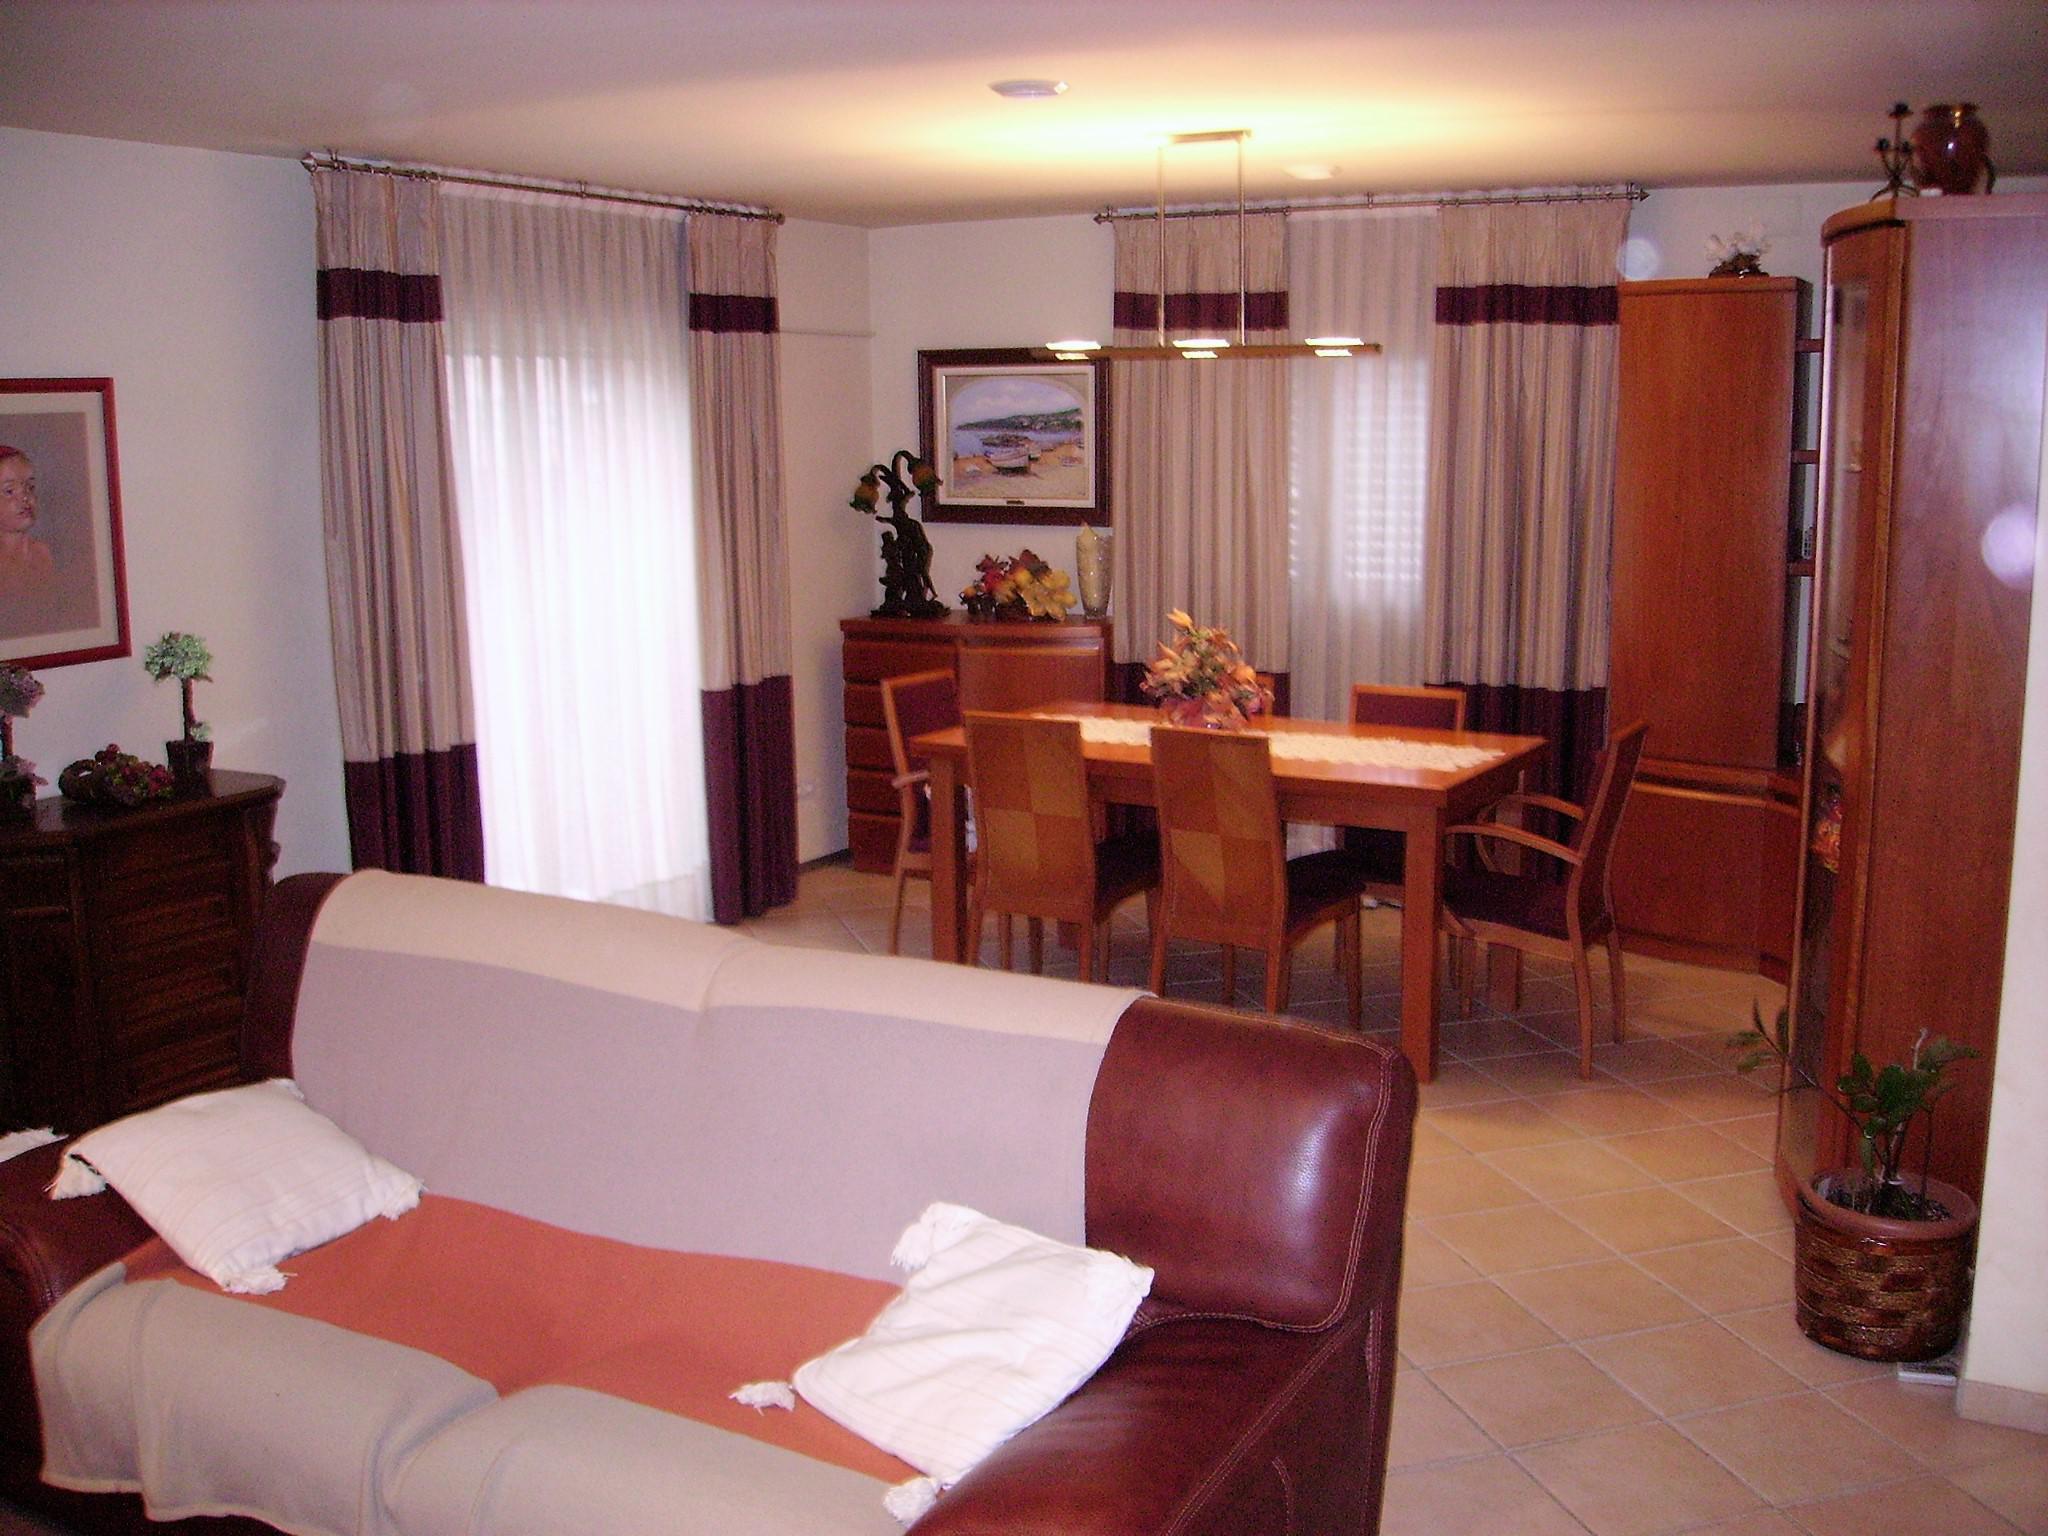 215386 - Centro de la población y a 5 minutos de Vilafranca.